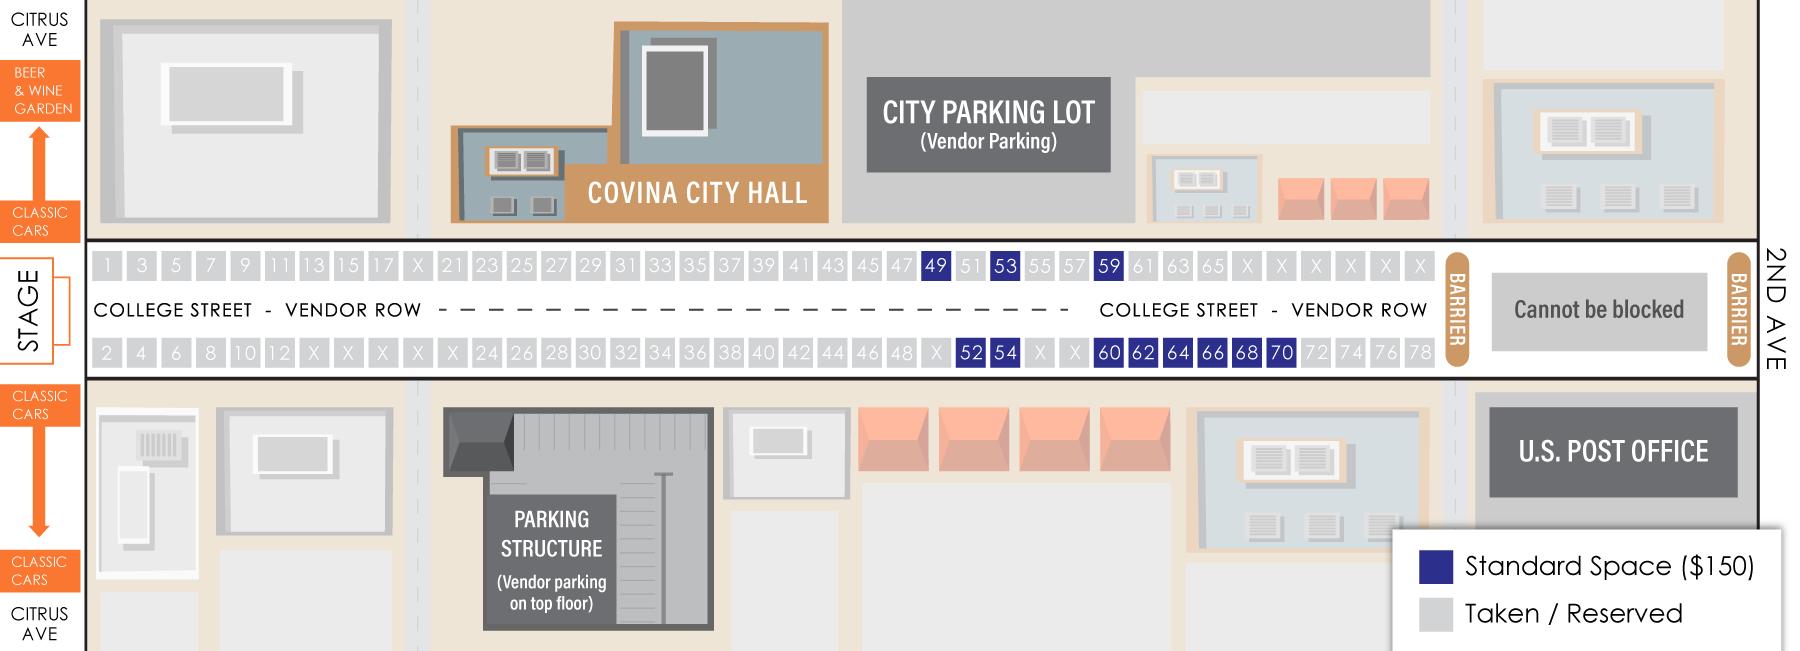 2018 Thunderfest Vendor Row Map as of 9/27/18